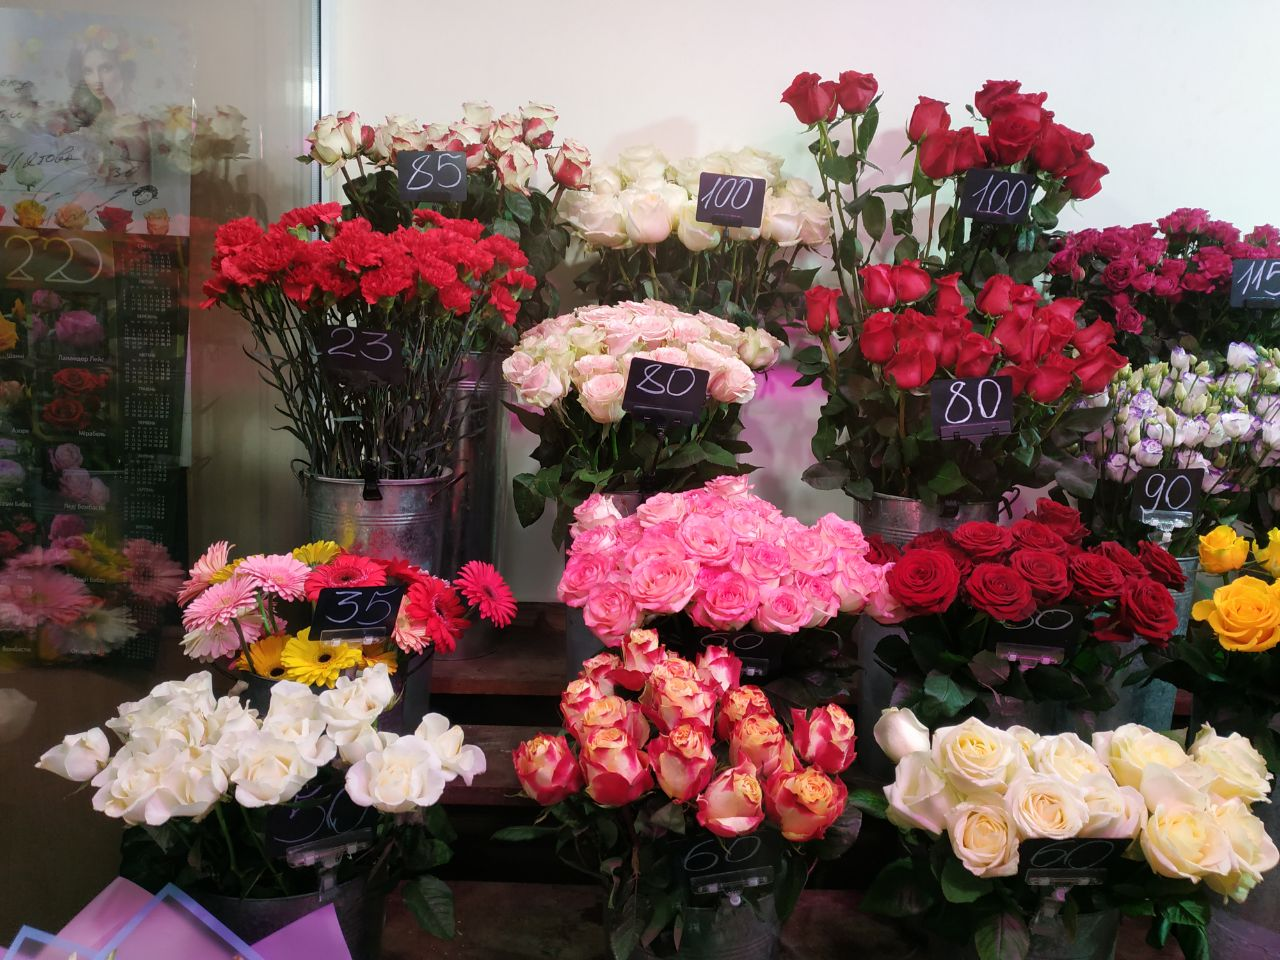 Київщина іn love: що найчастіше дарують коханим у 2021 році - ціни, подарунки, День Святого Валентина, День всіх закоханих - photo5276336614576075290